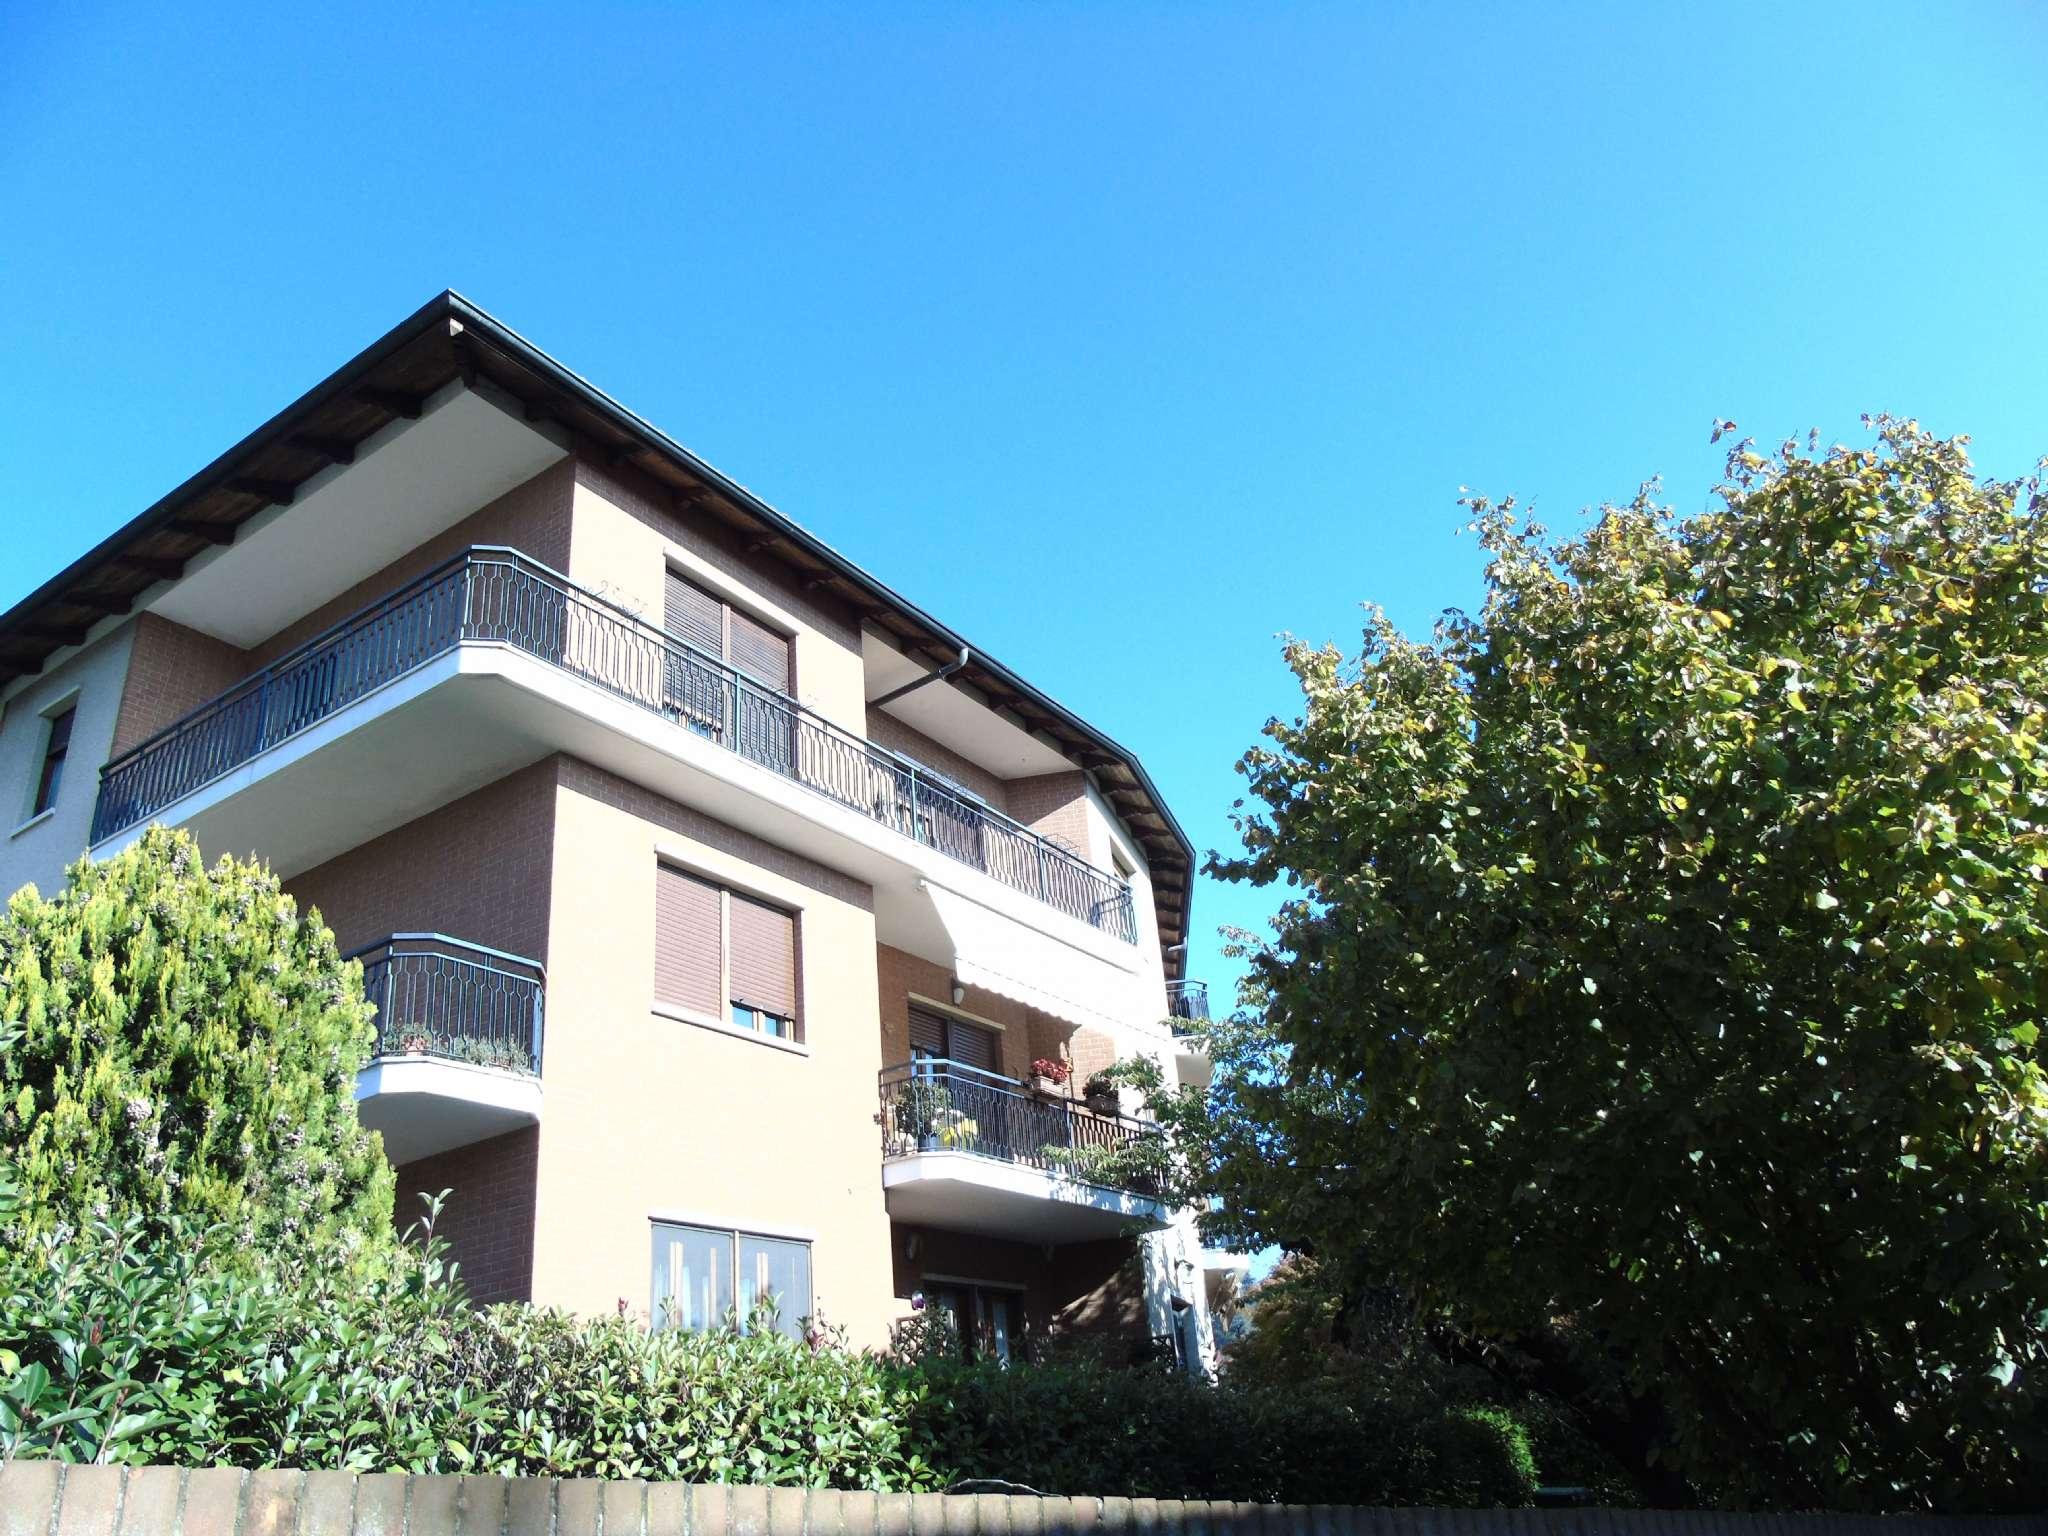 Appartamento in vendita a Pecetto Torinese, 4 locali, prezzo € 287.000   PortaleAgenzieImmobiliari.it